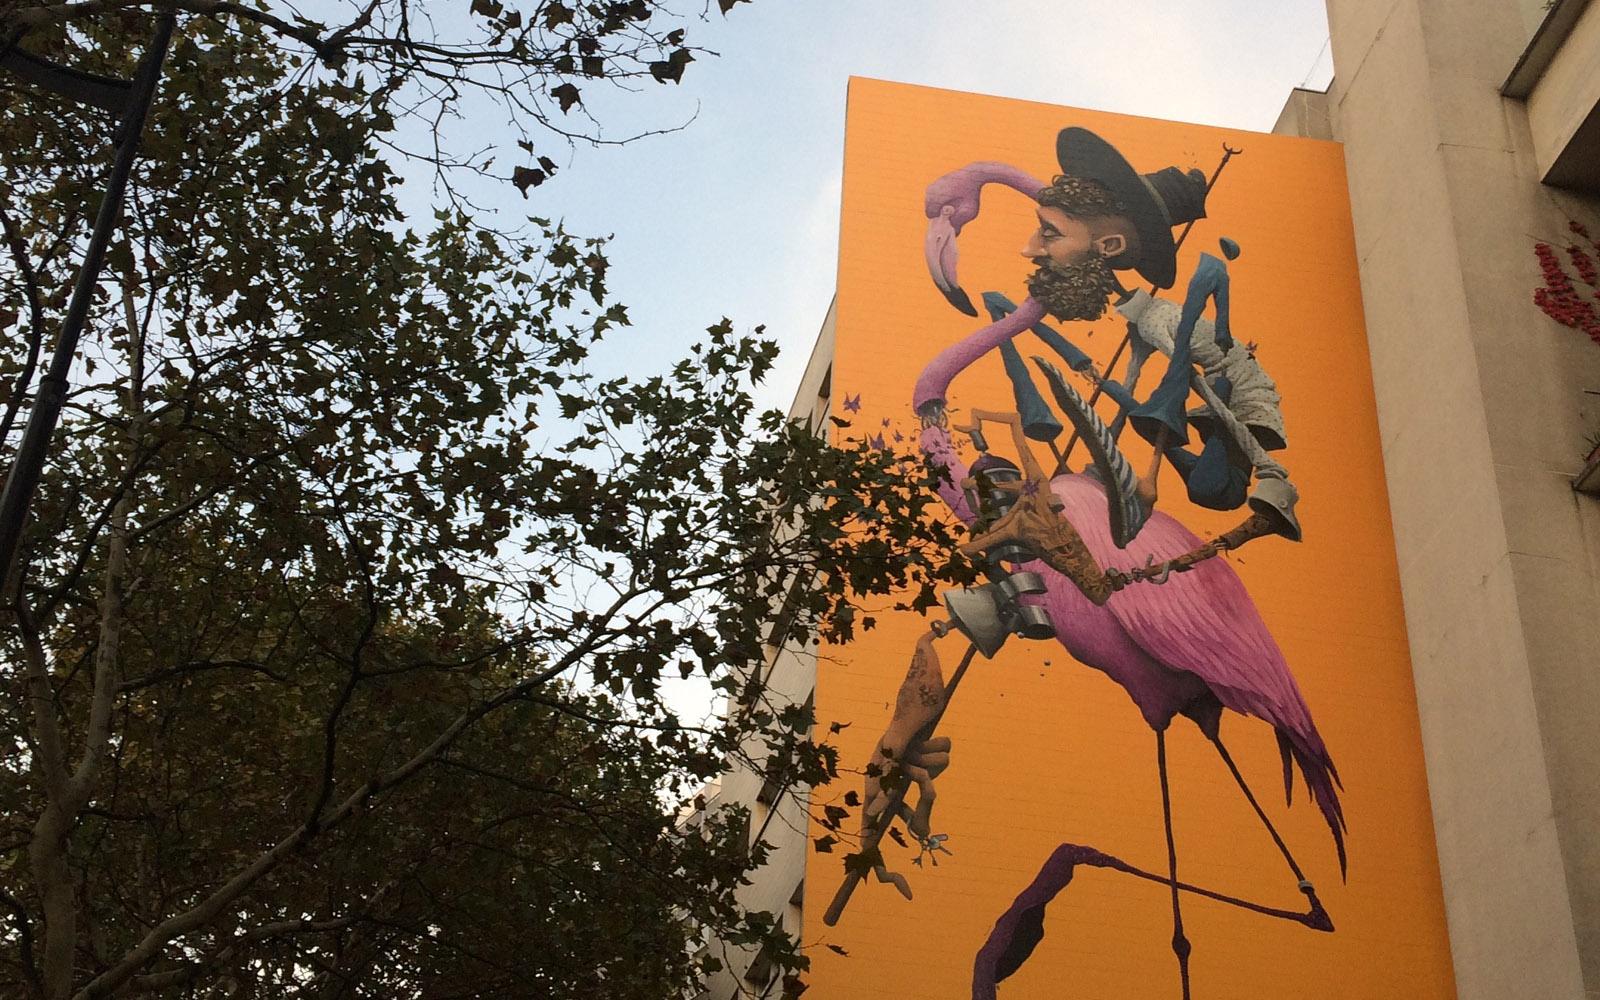 Il murale dell'artista francese Maye.